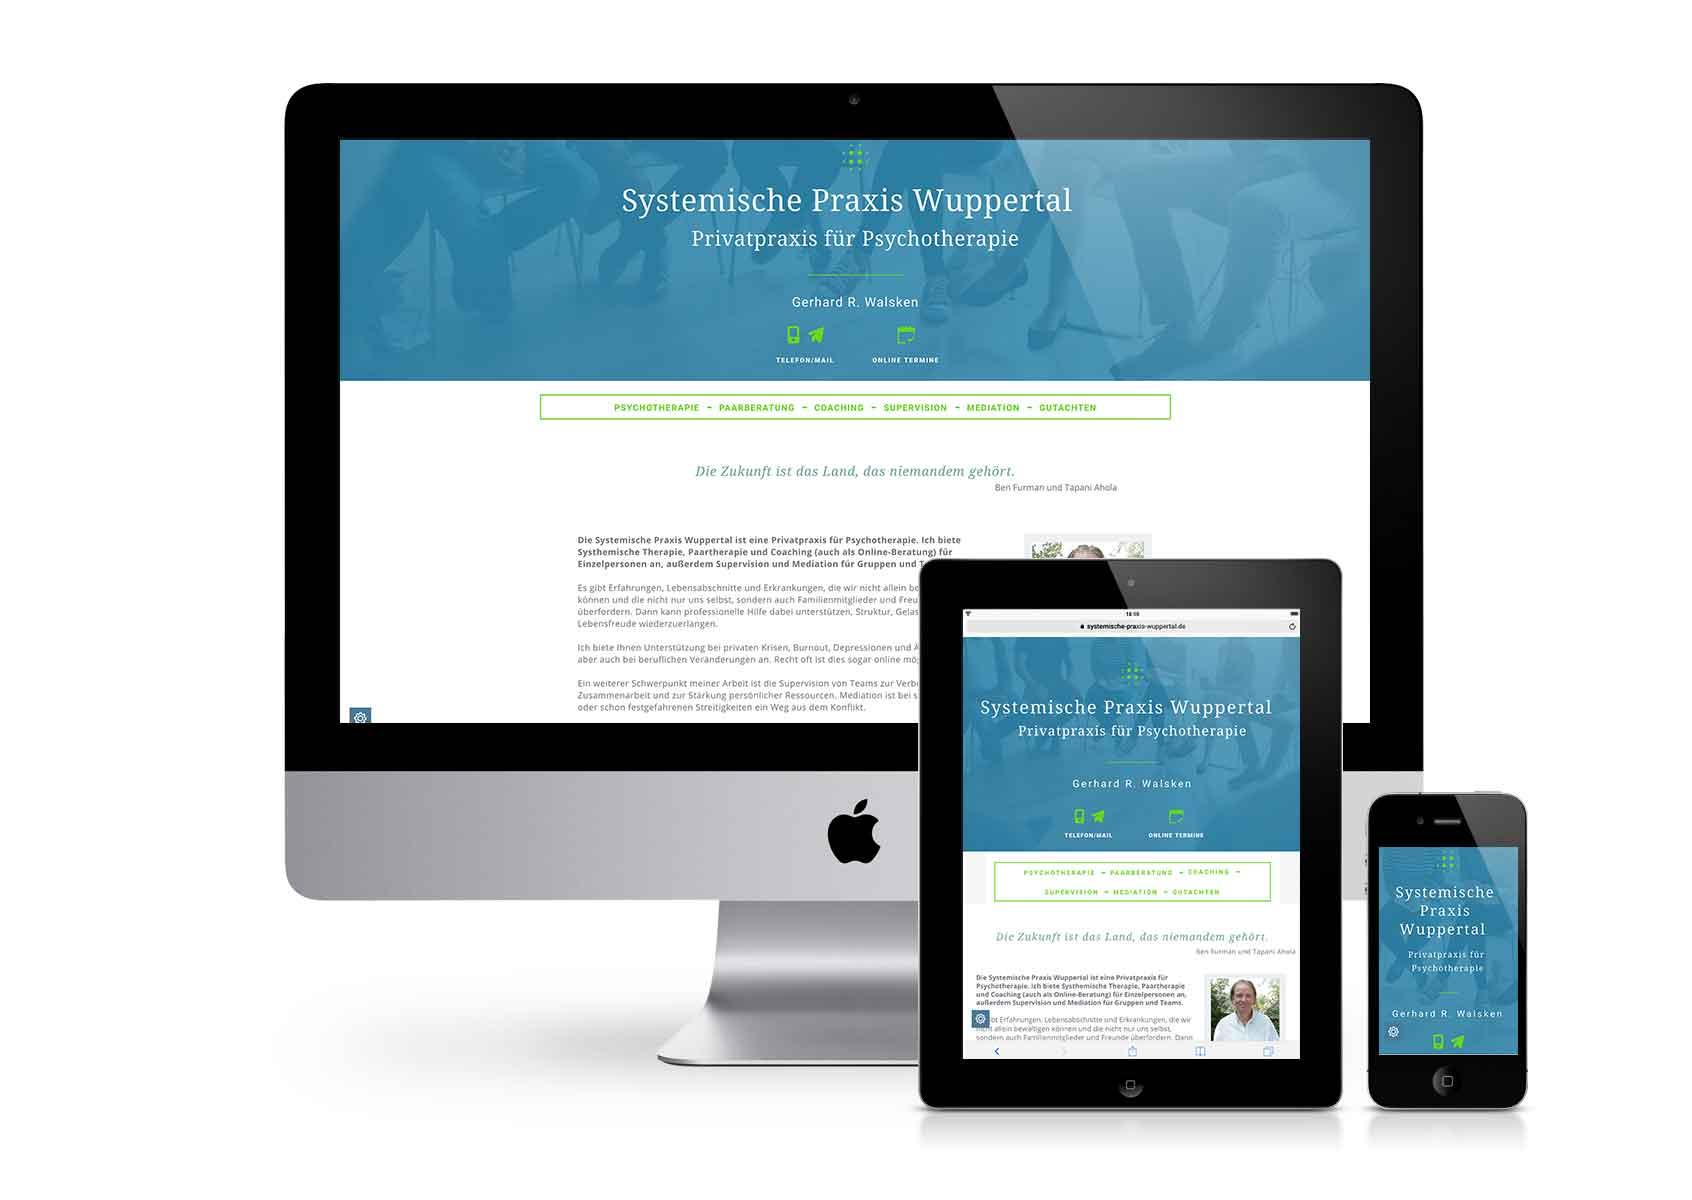 VOIGT.GRAFIK - Website Systemische Praxis Wuppertal